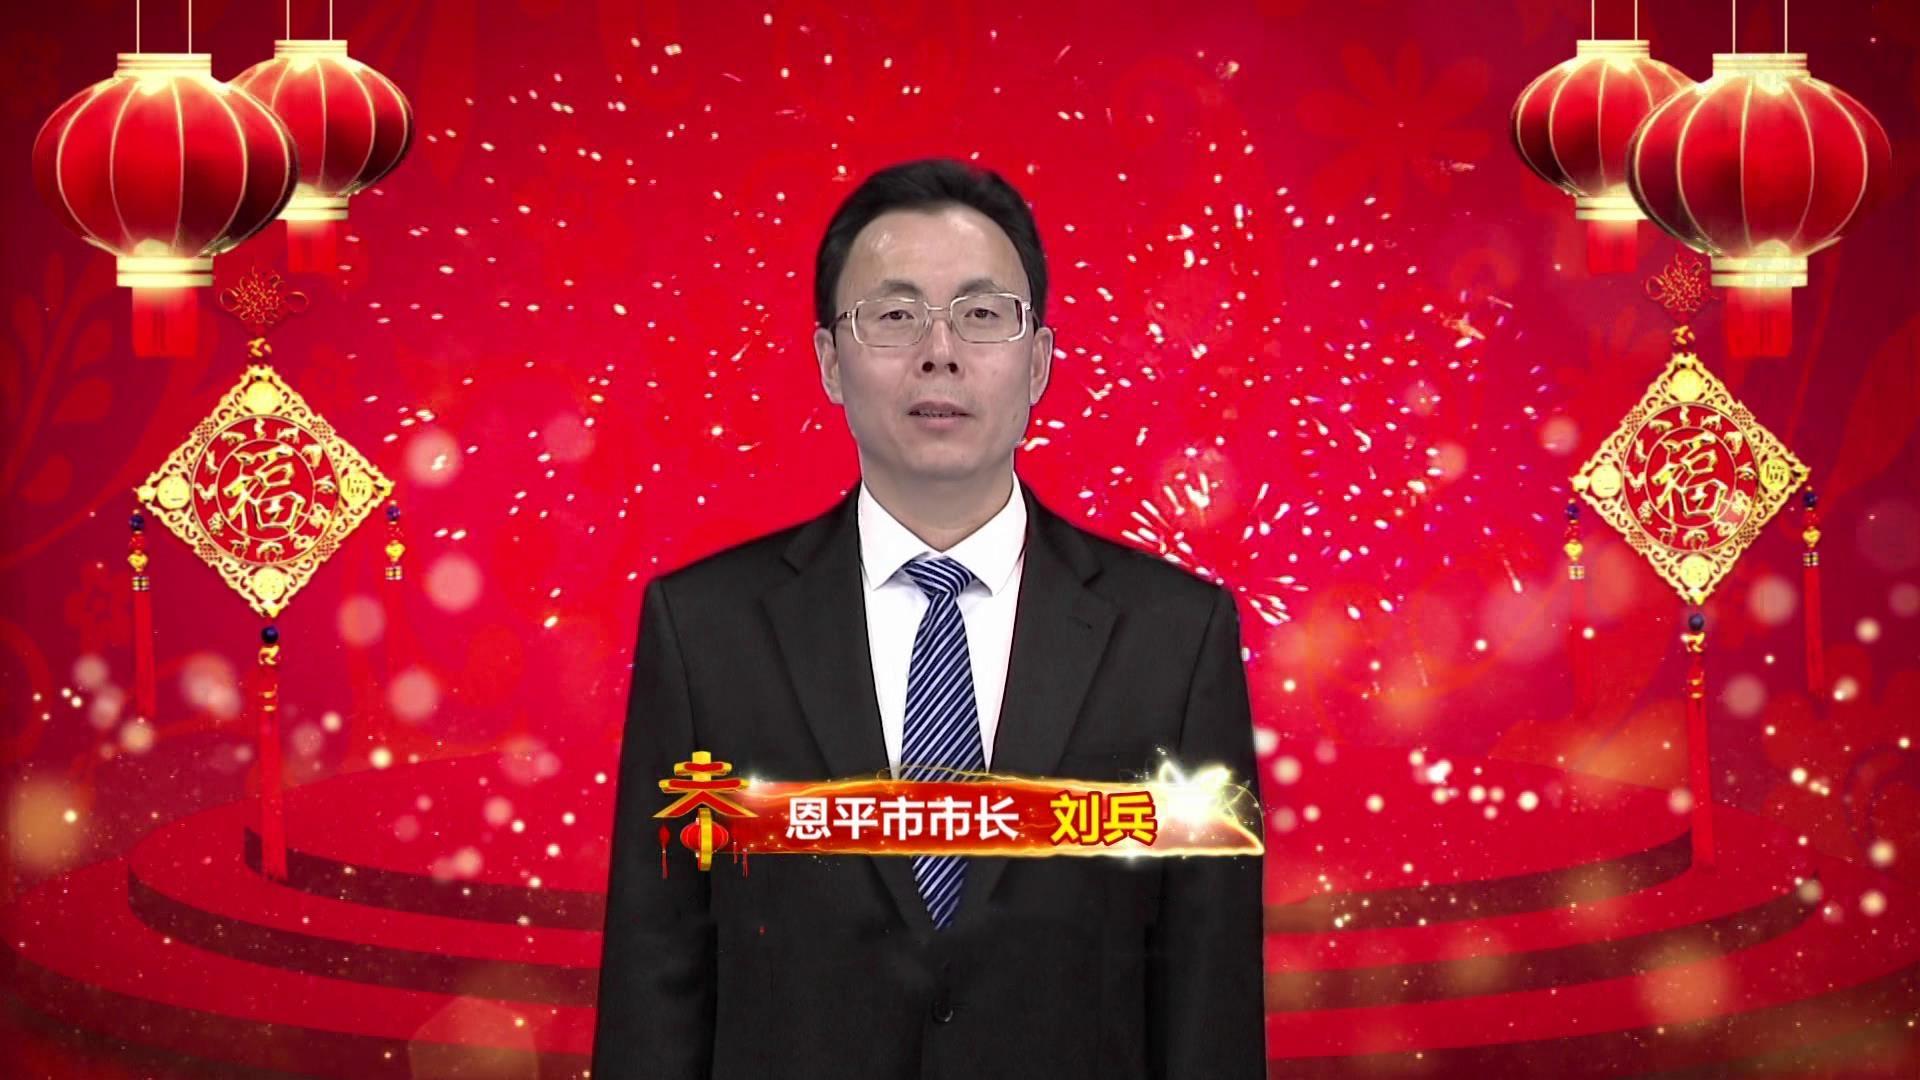 新春快乐!恩平市市长刘兵给您拜年啦!